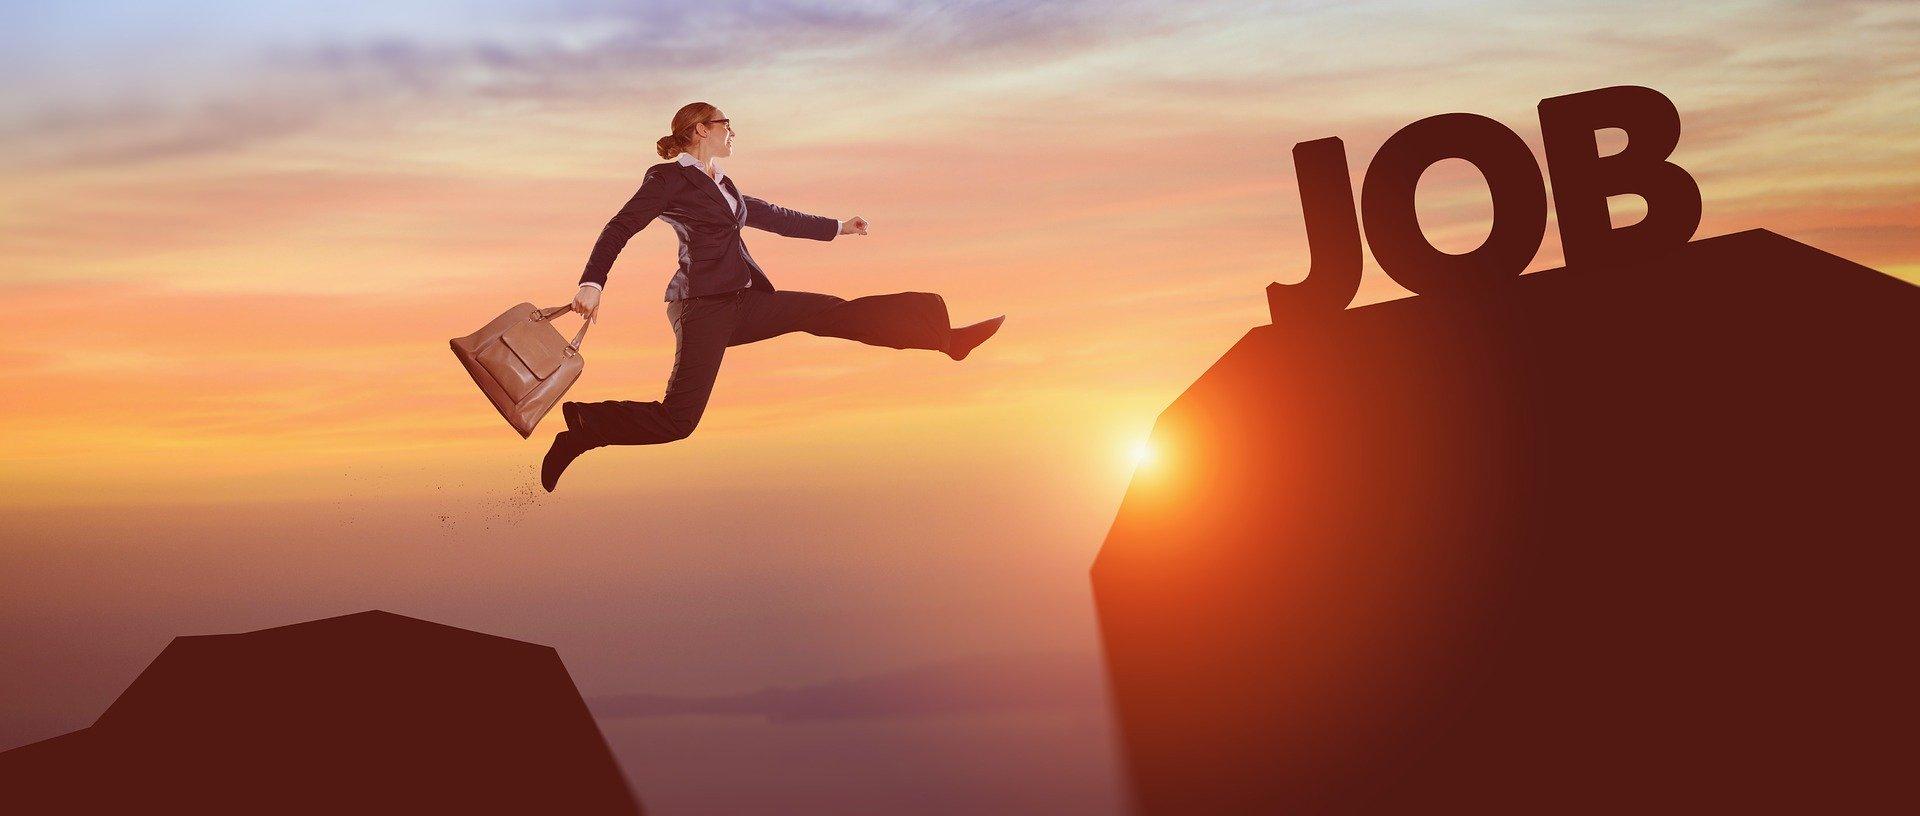 Succesul în carieră